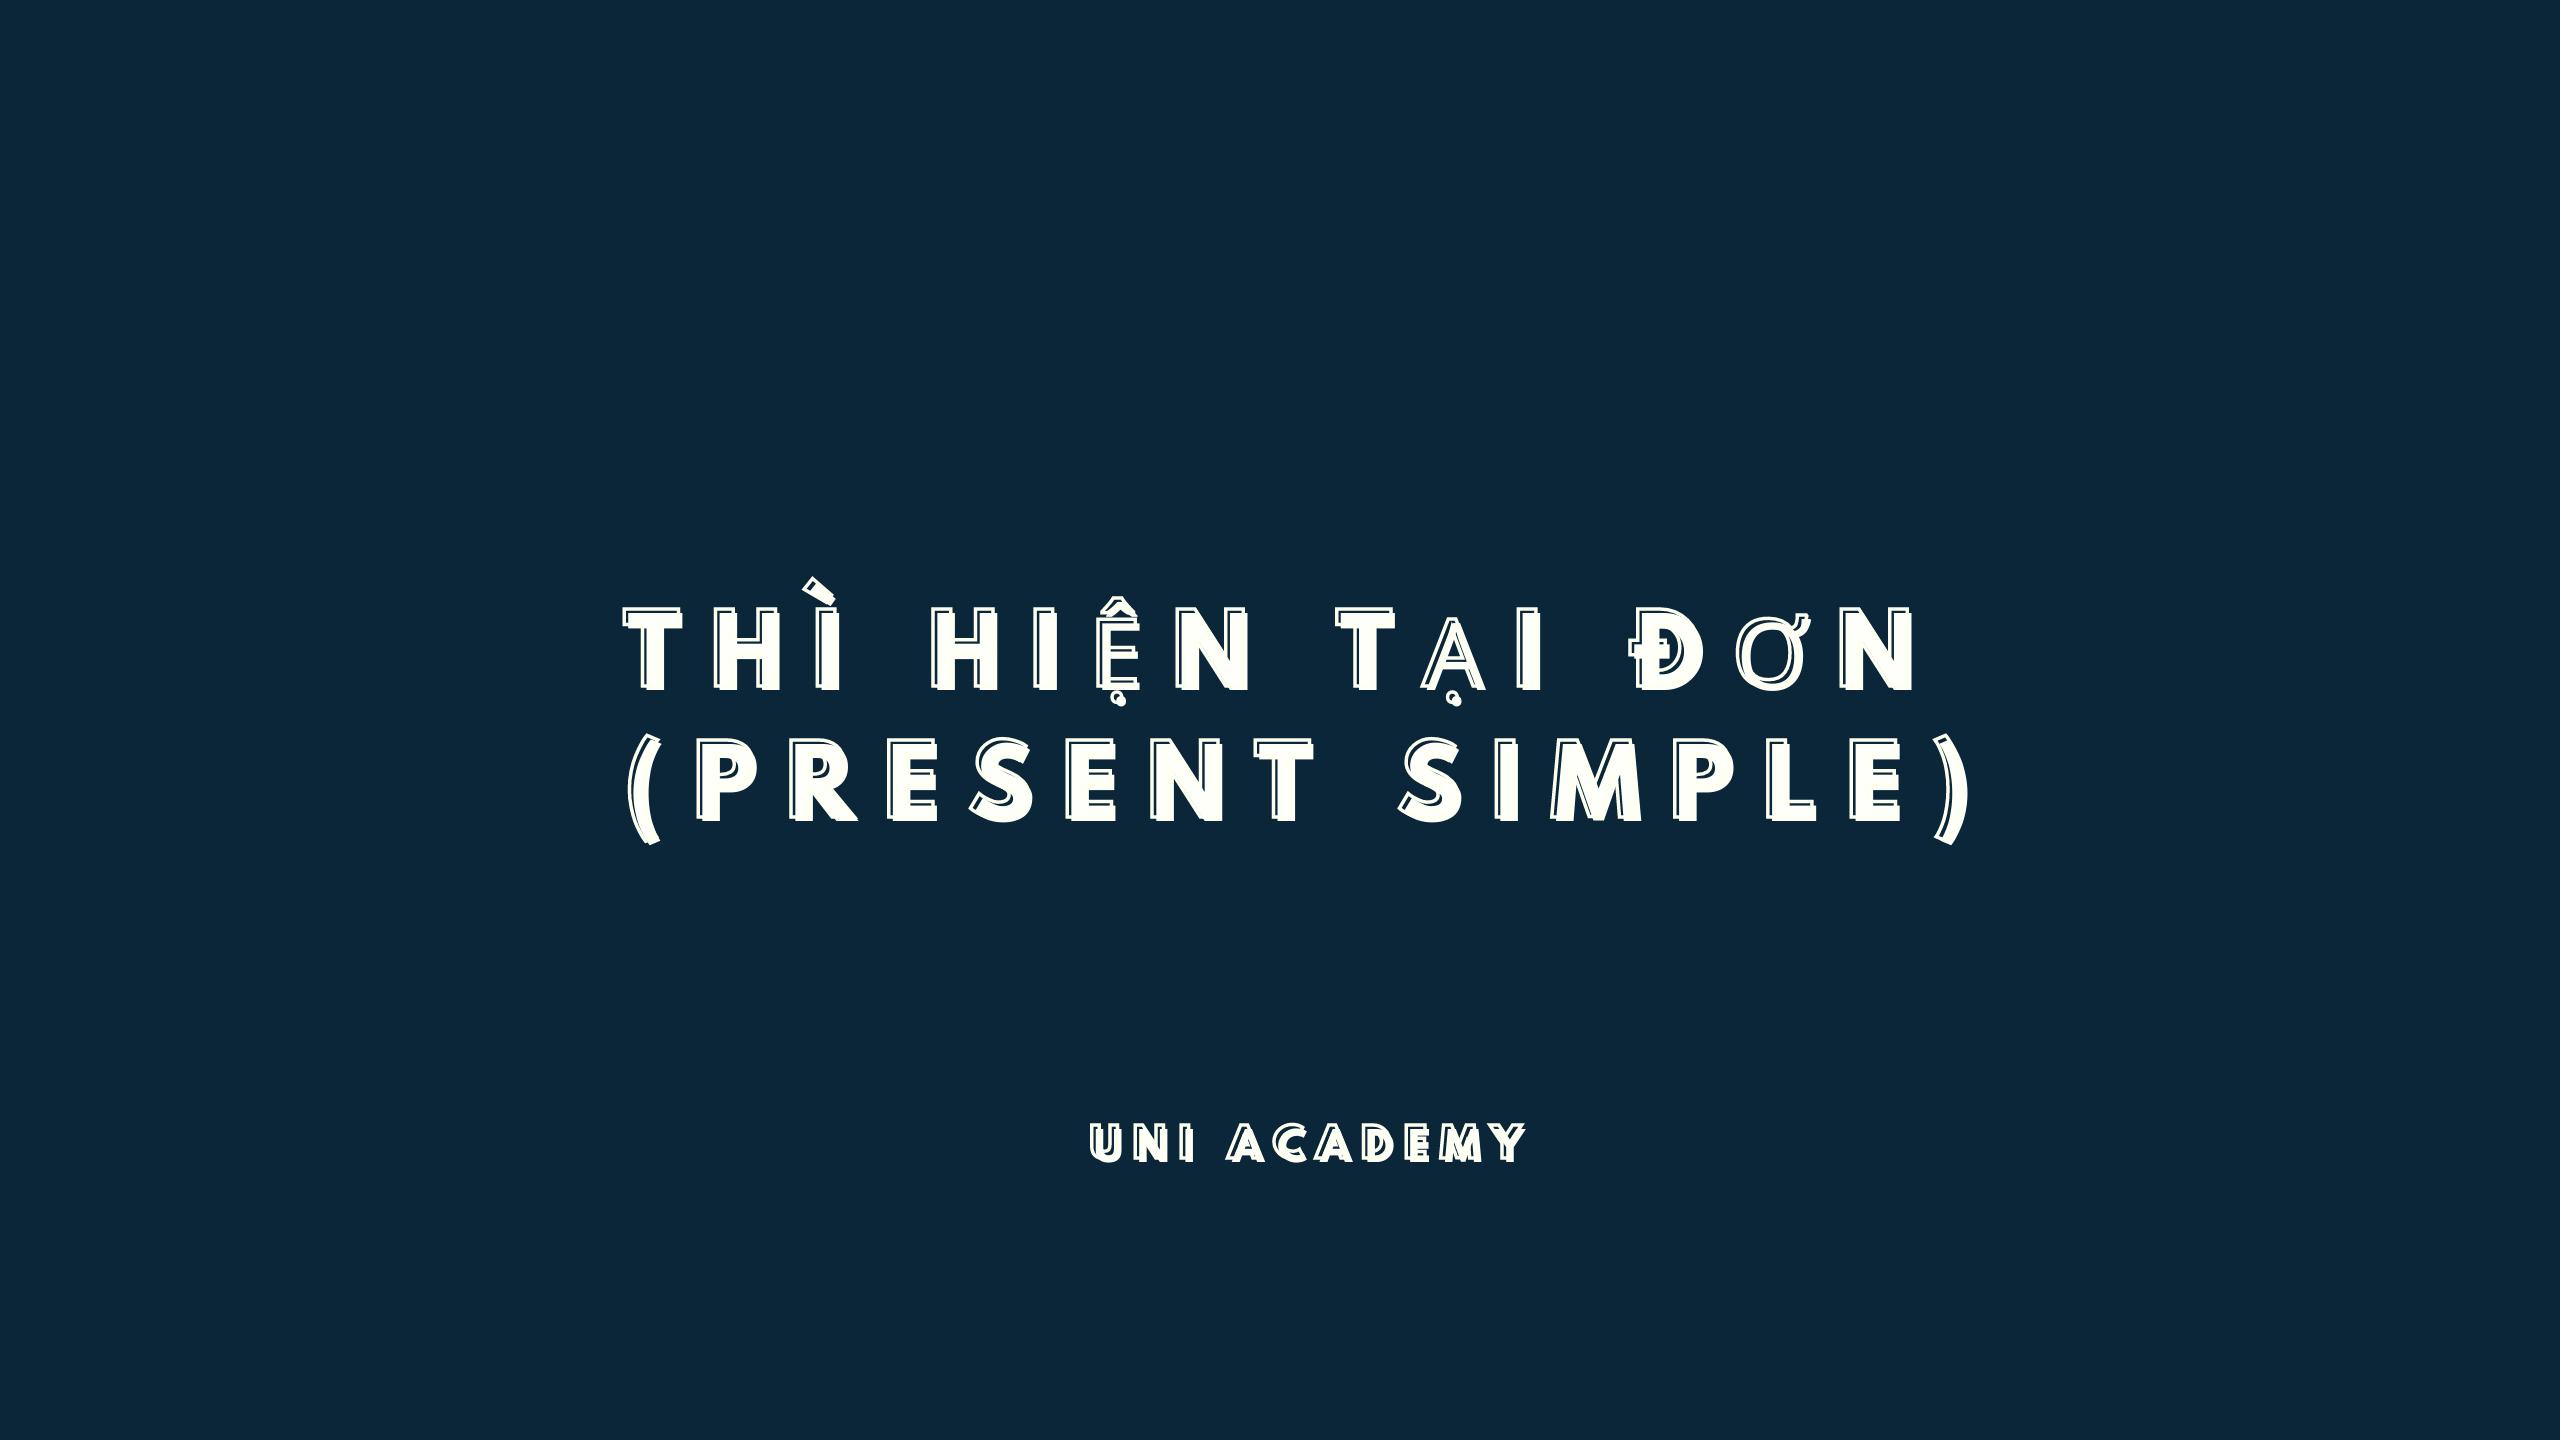 Thì Hiện tại đơn (Present simple) trong tiếng Anh